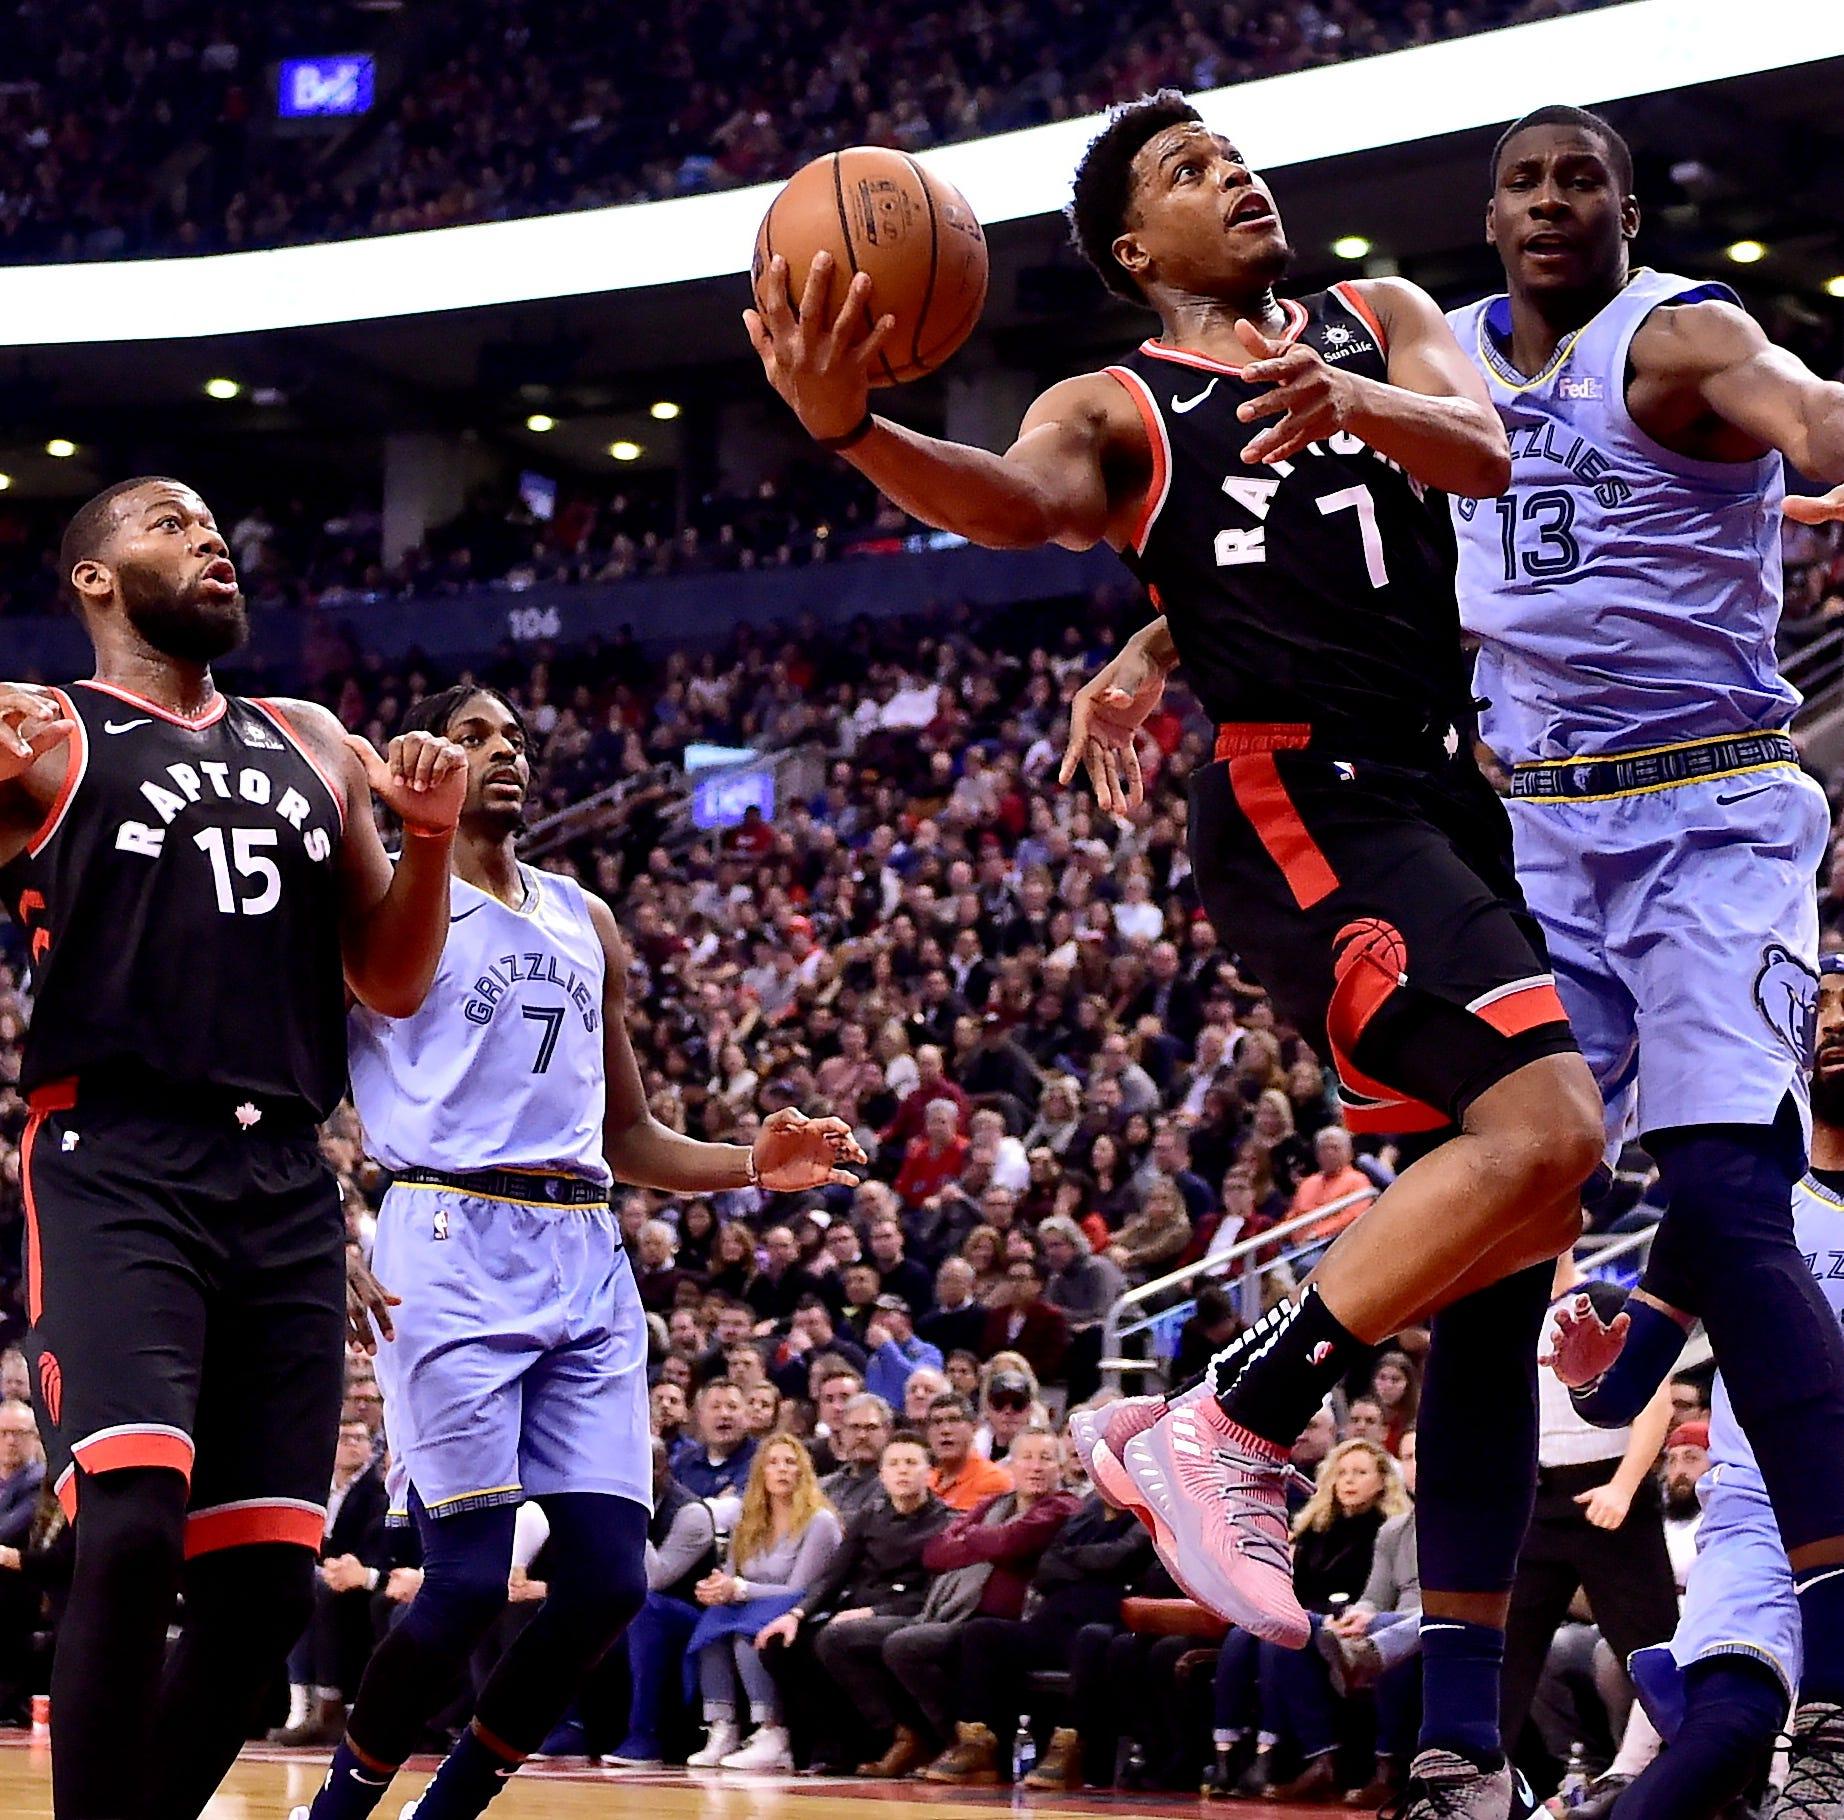 Game Recap: Toronto Raptors 119, Memphis Grizzlies 90